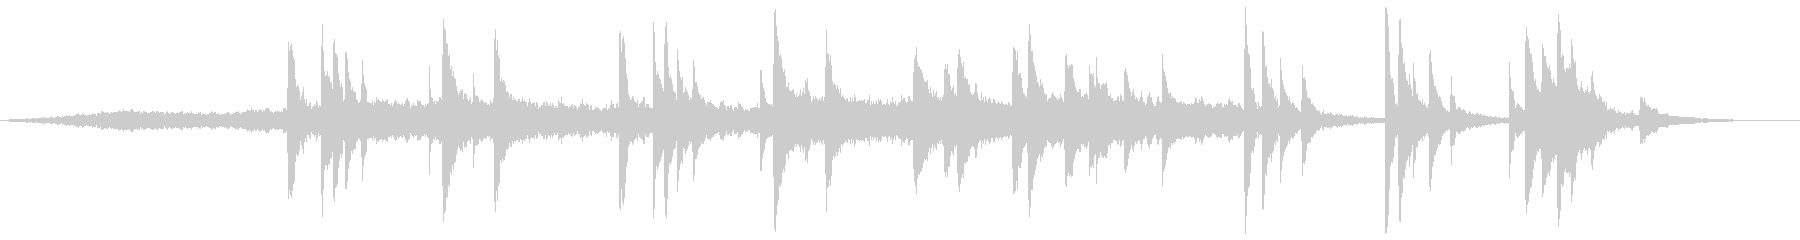 現代的 交響曲 アンビエント ほの...の未再生の波形